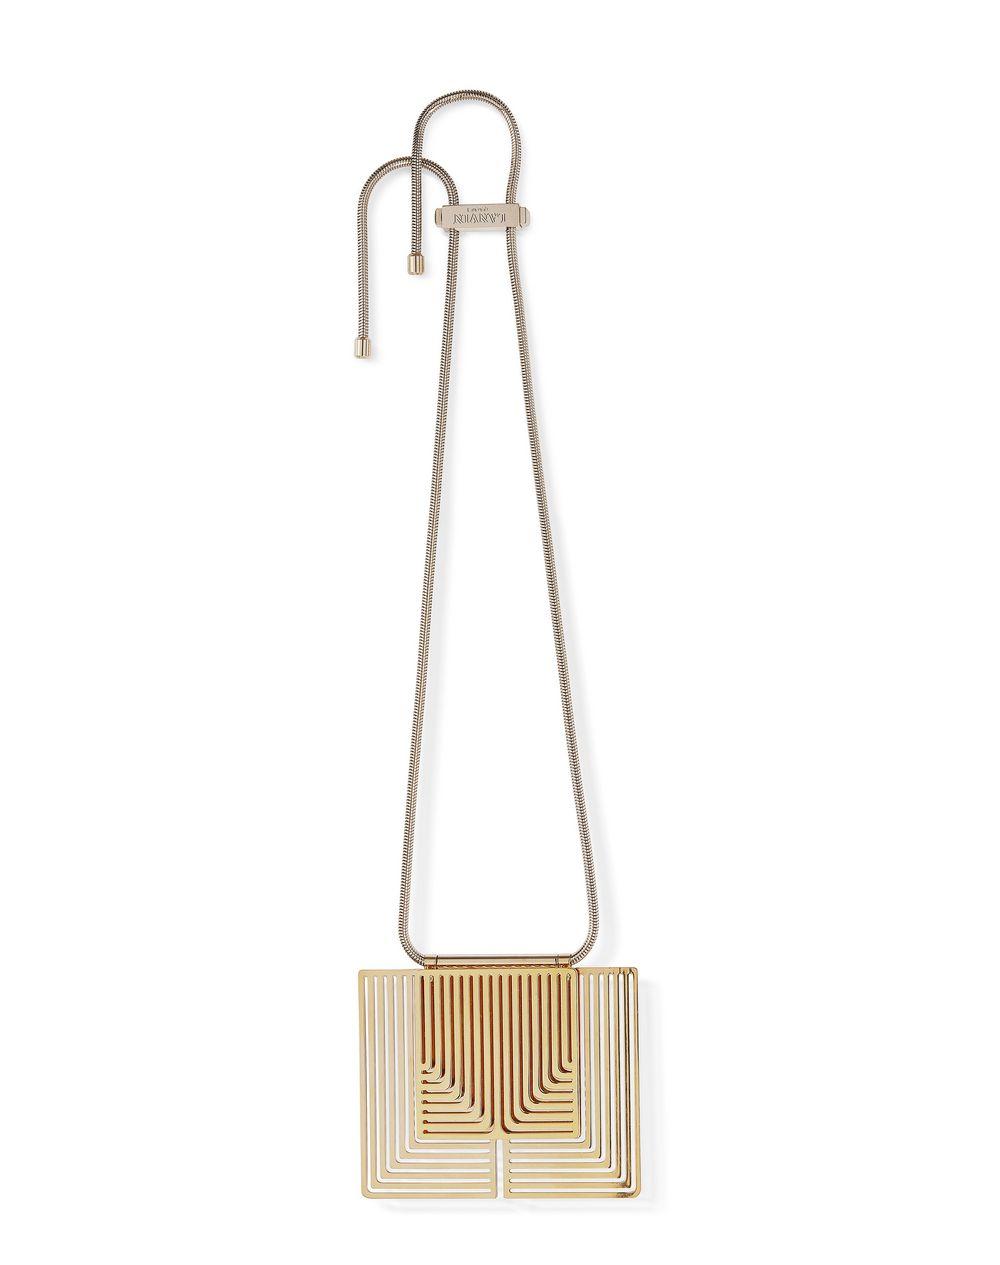 Collier court en laiton couleur or avec plaques métalliques ,Lanvin – Prix €1 195